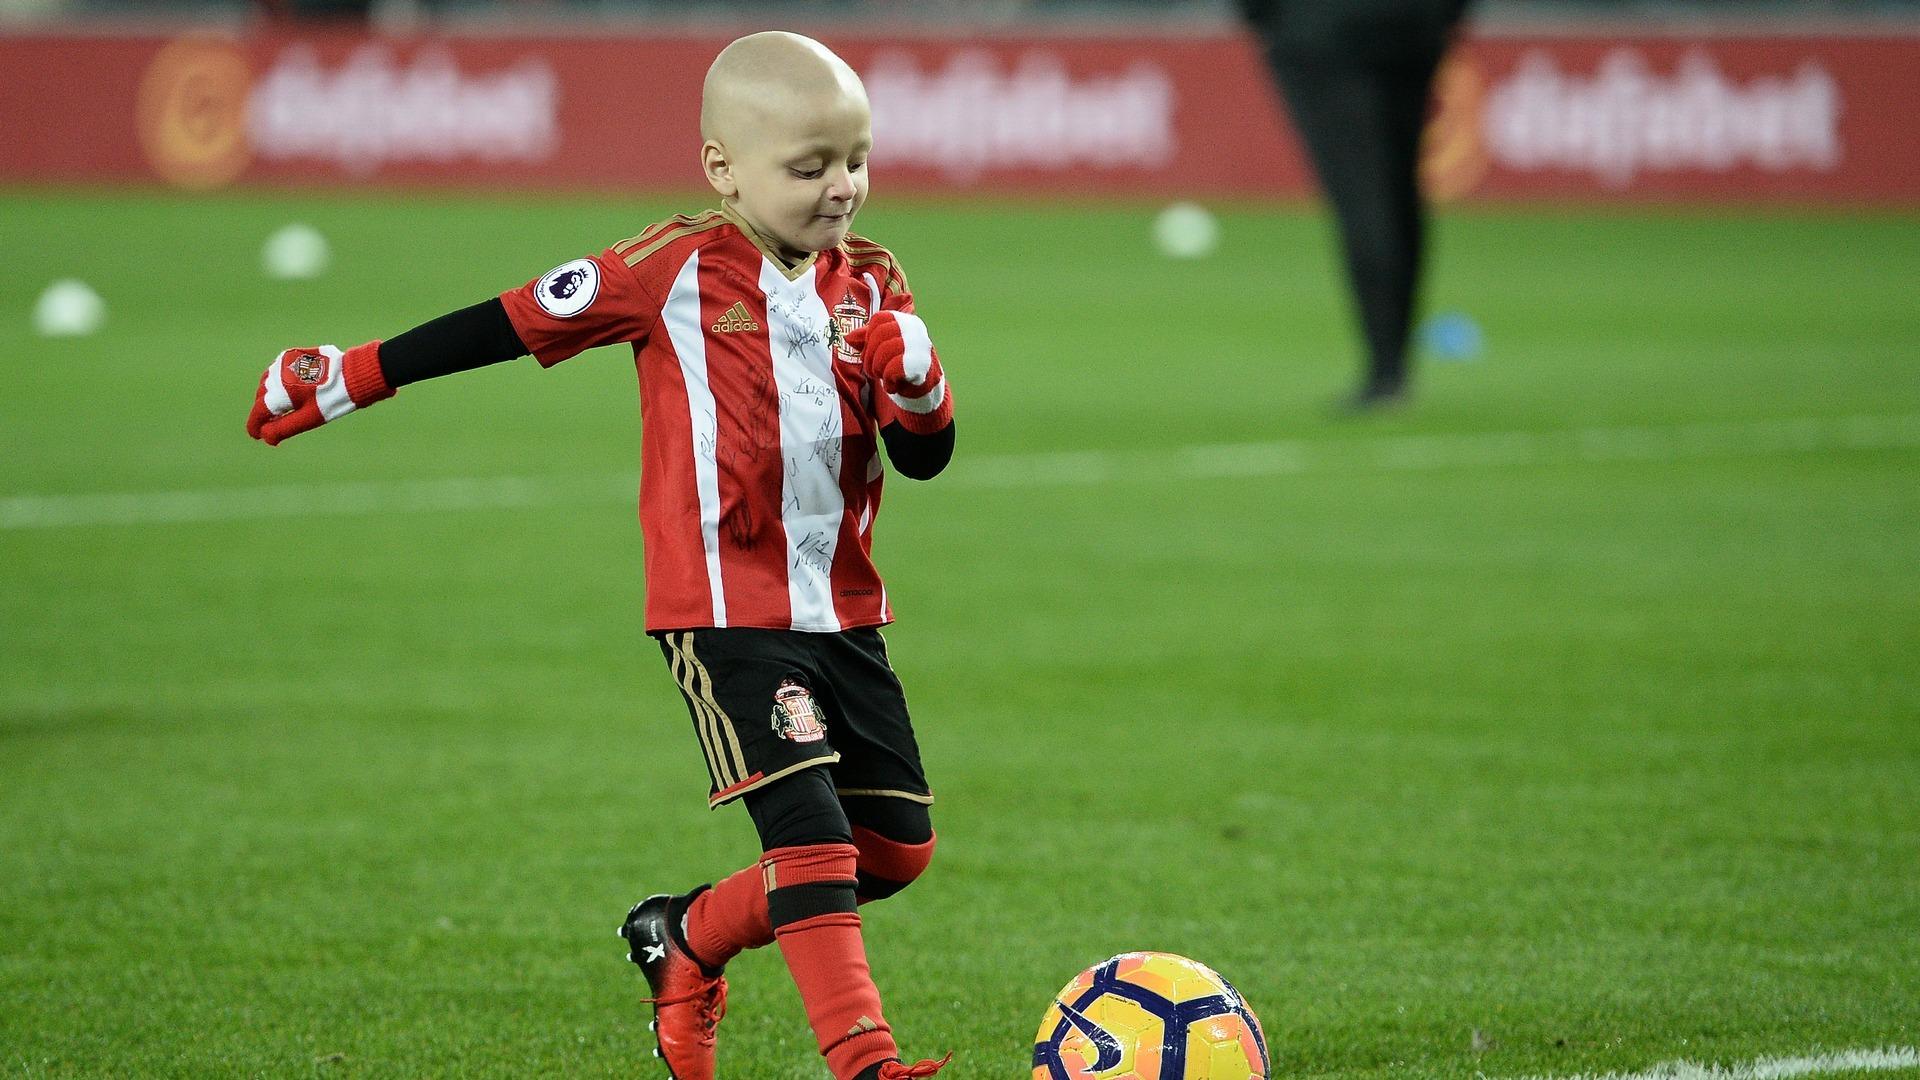 Fearless football fan Bradley Lowery dies aged 6